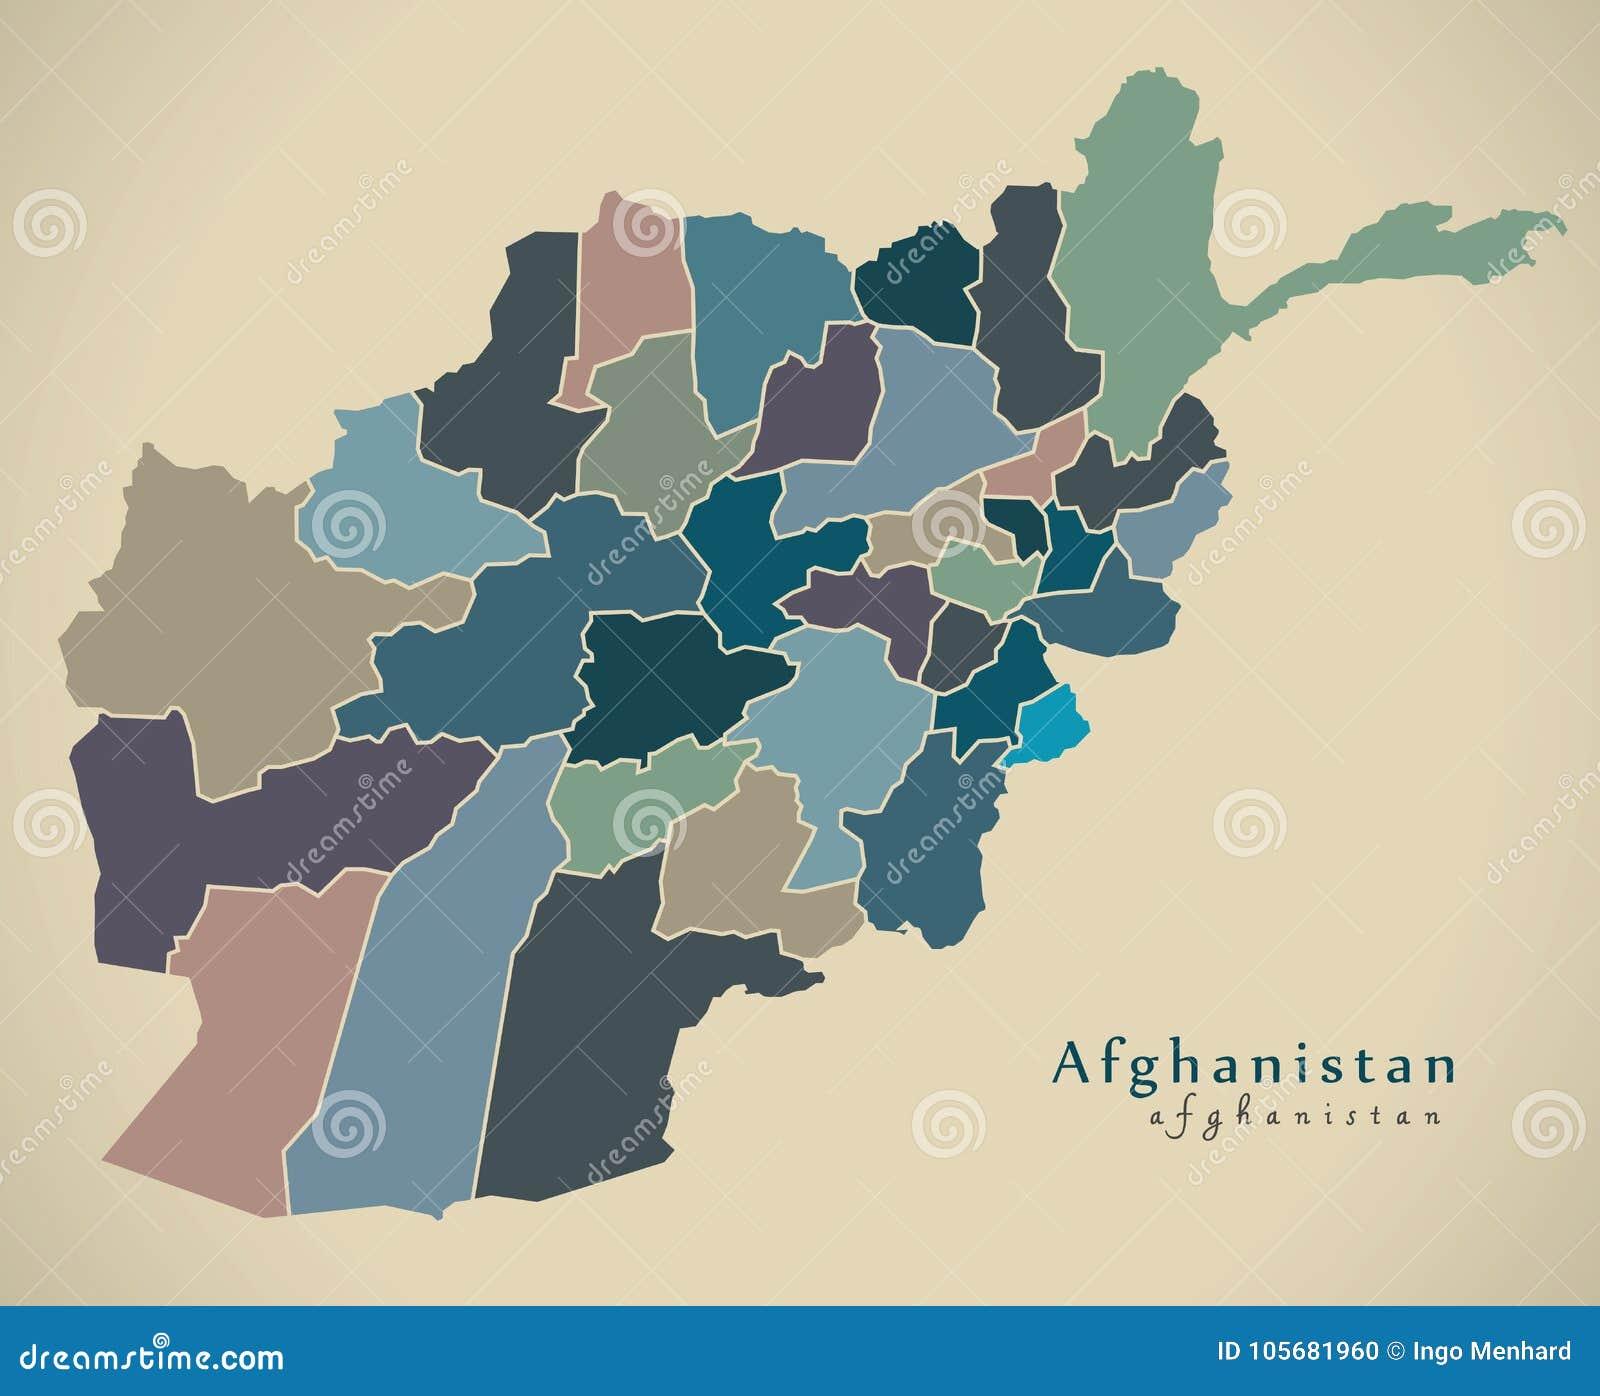 Karte Afghanistan Provinzen.Moderne Karte Afghanistan Mit Provinzen Politischer Af